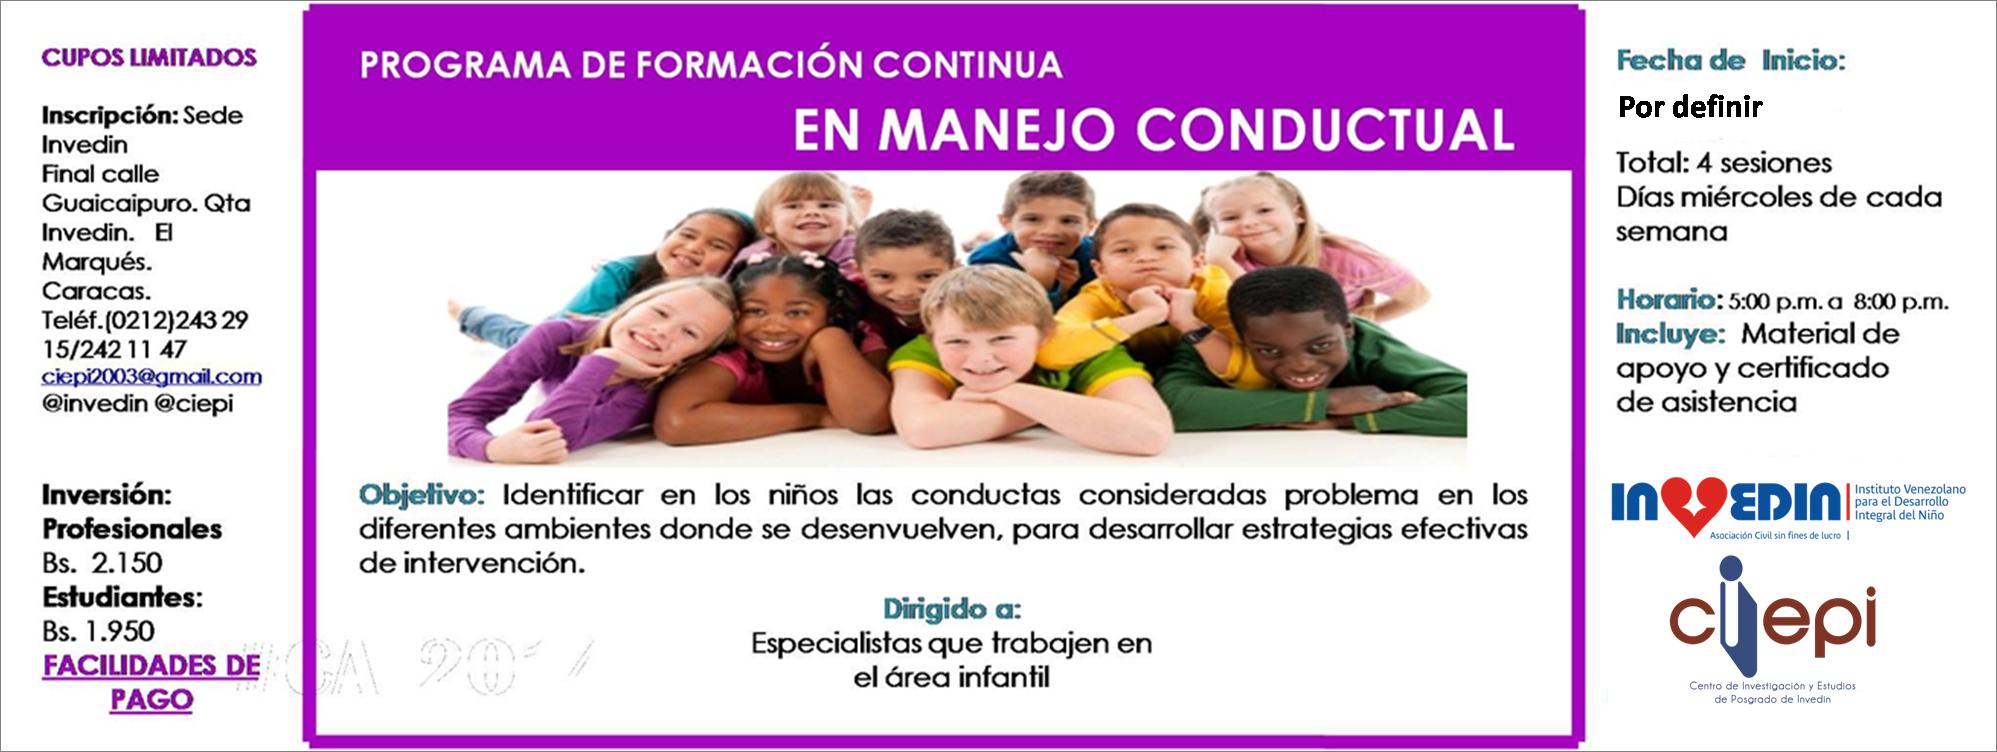 PROGRAMA DE FORMACIÓN CONTINUA EN MANEJO CONDUCTUAL